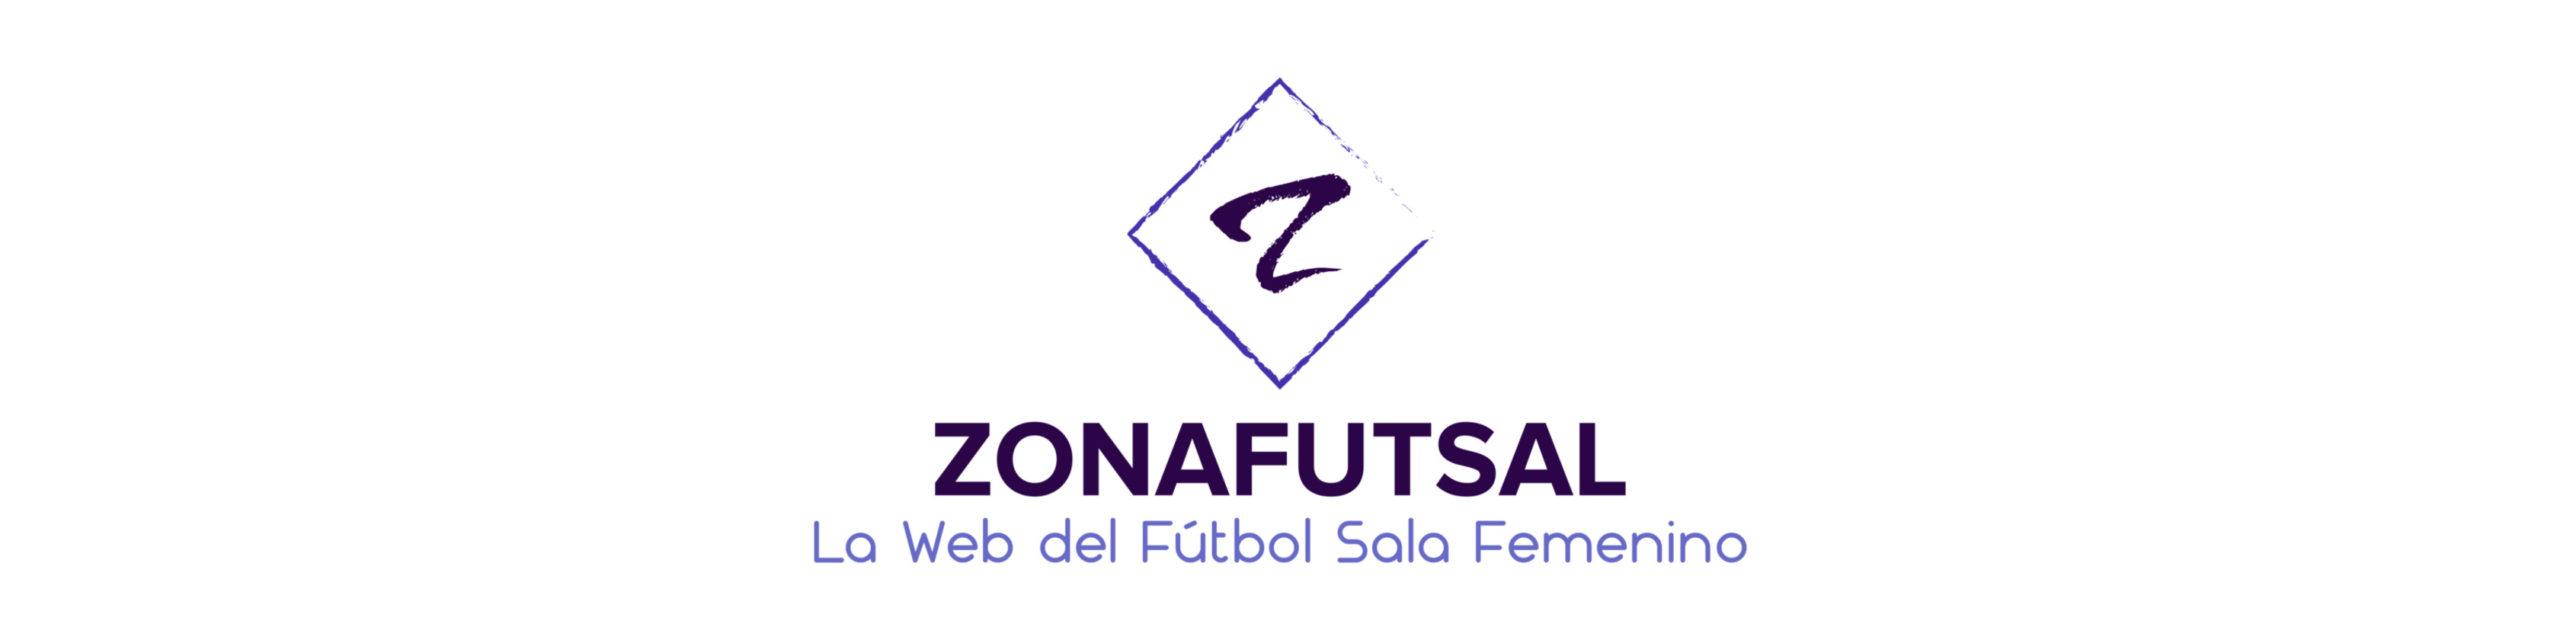 Zonafutsal